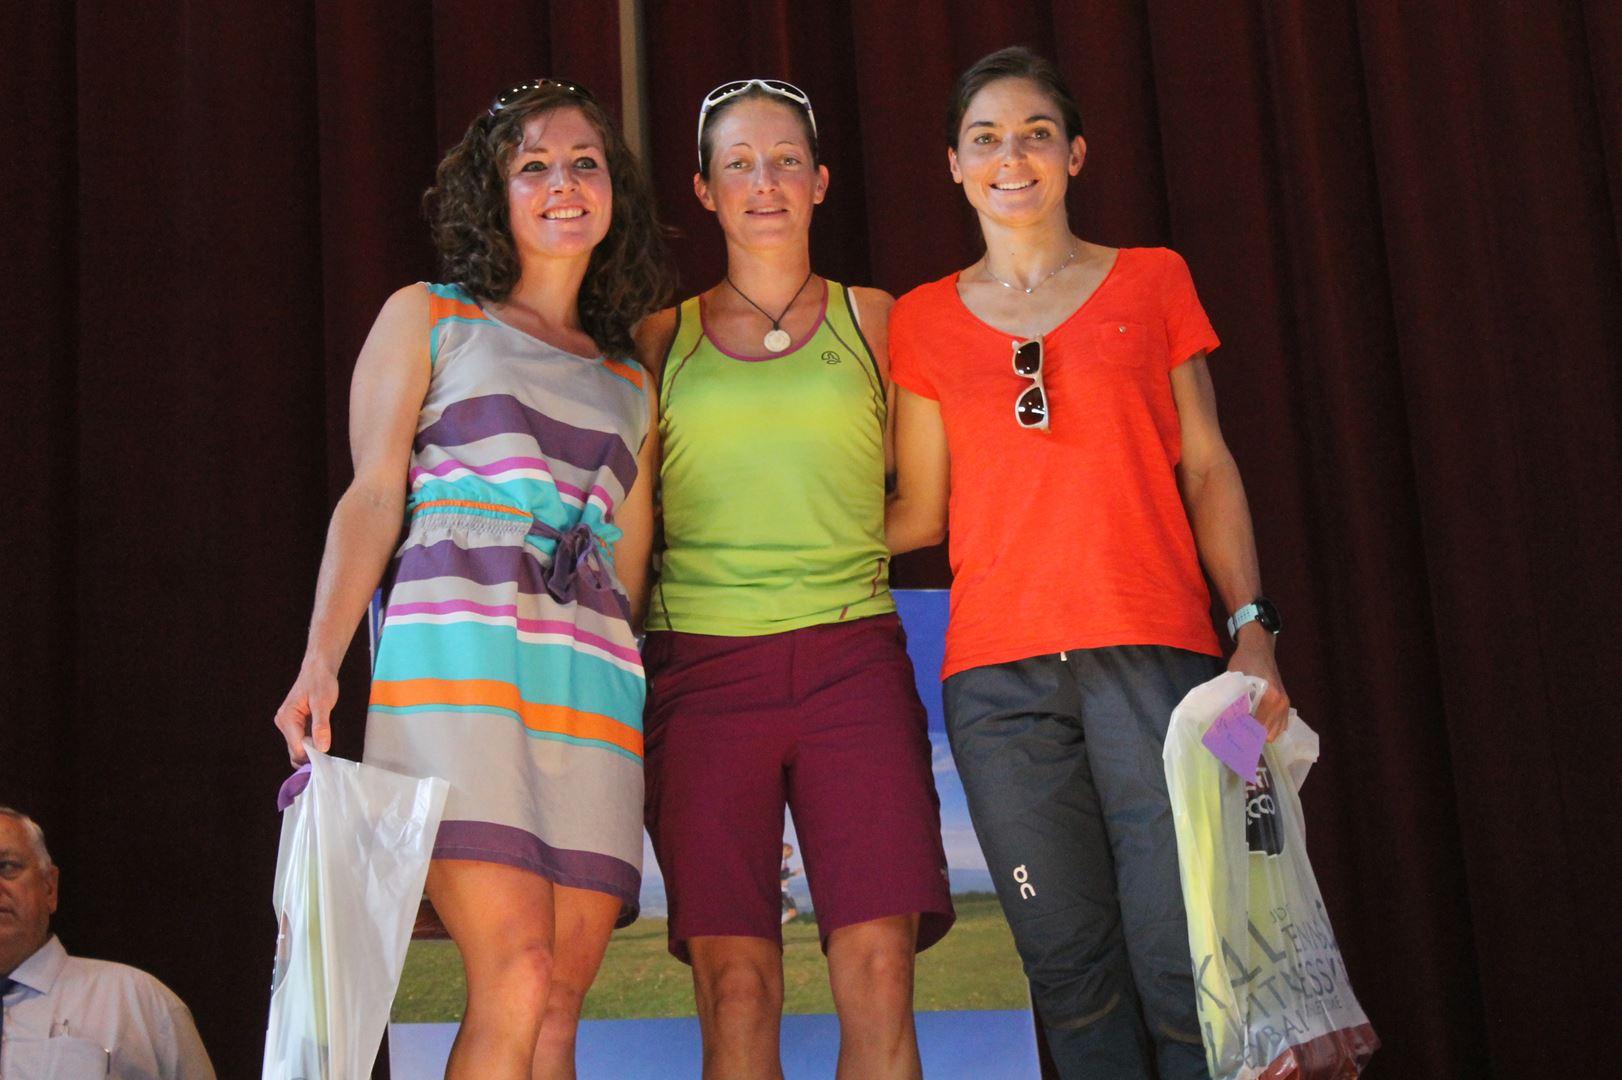 """Le podium féminin pleine de charme - RESULTATS ET COMMENTAIRES DE LA 3EME EDITION DE LA """"NIVOLET CLASSIC"""" Saint Alban de Leysse (73)"""